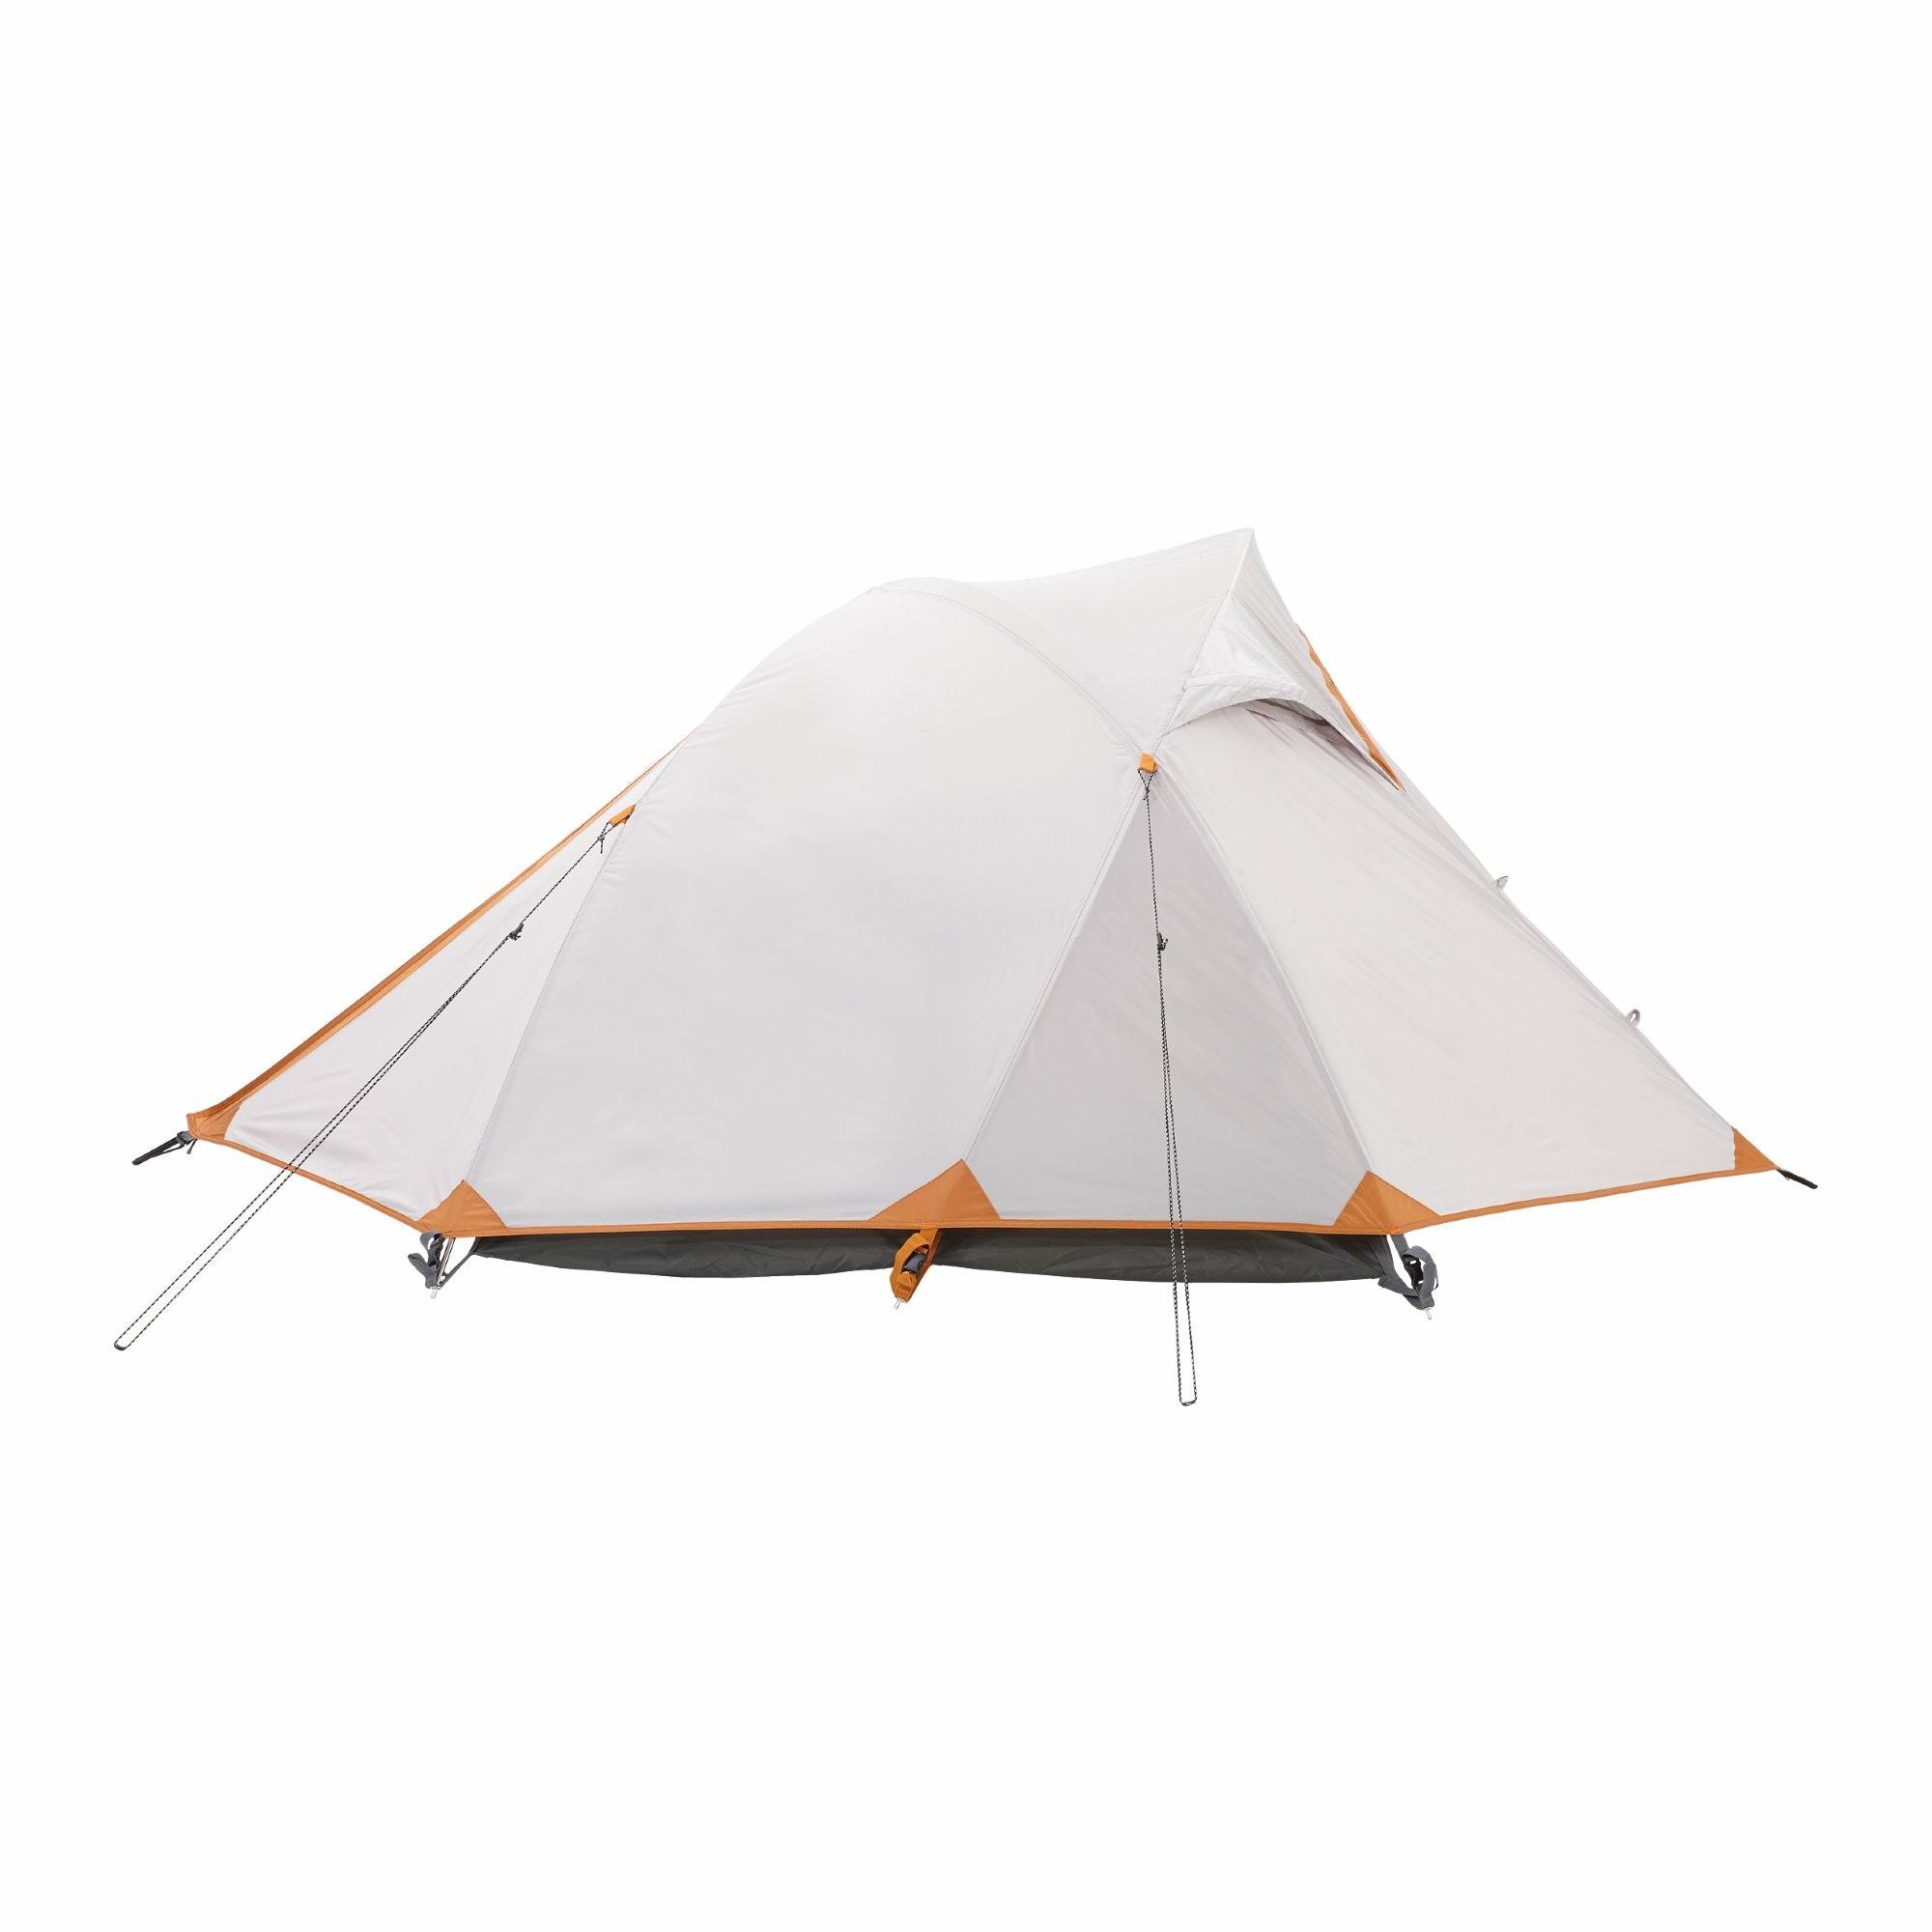 102  sc 1 st  Kathmandu & Bora 2 Person Tent v2 - Sand